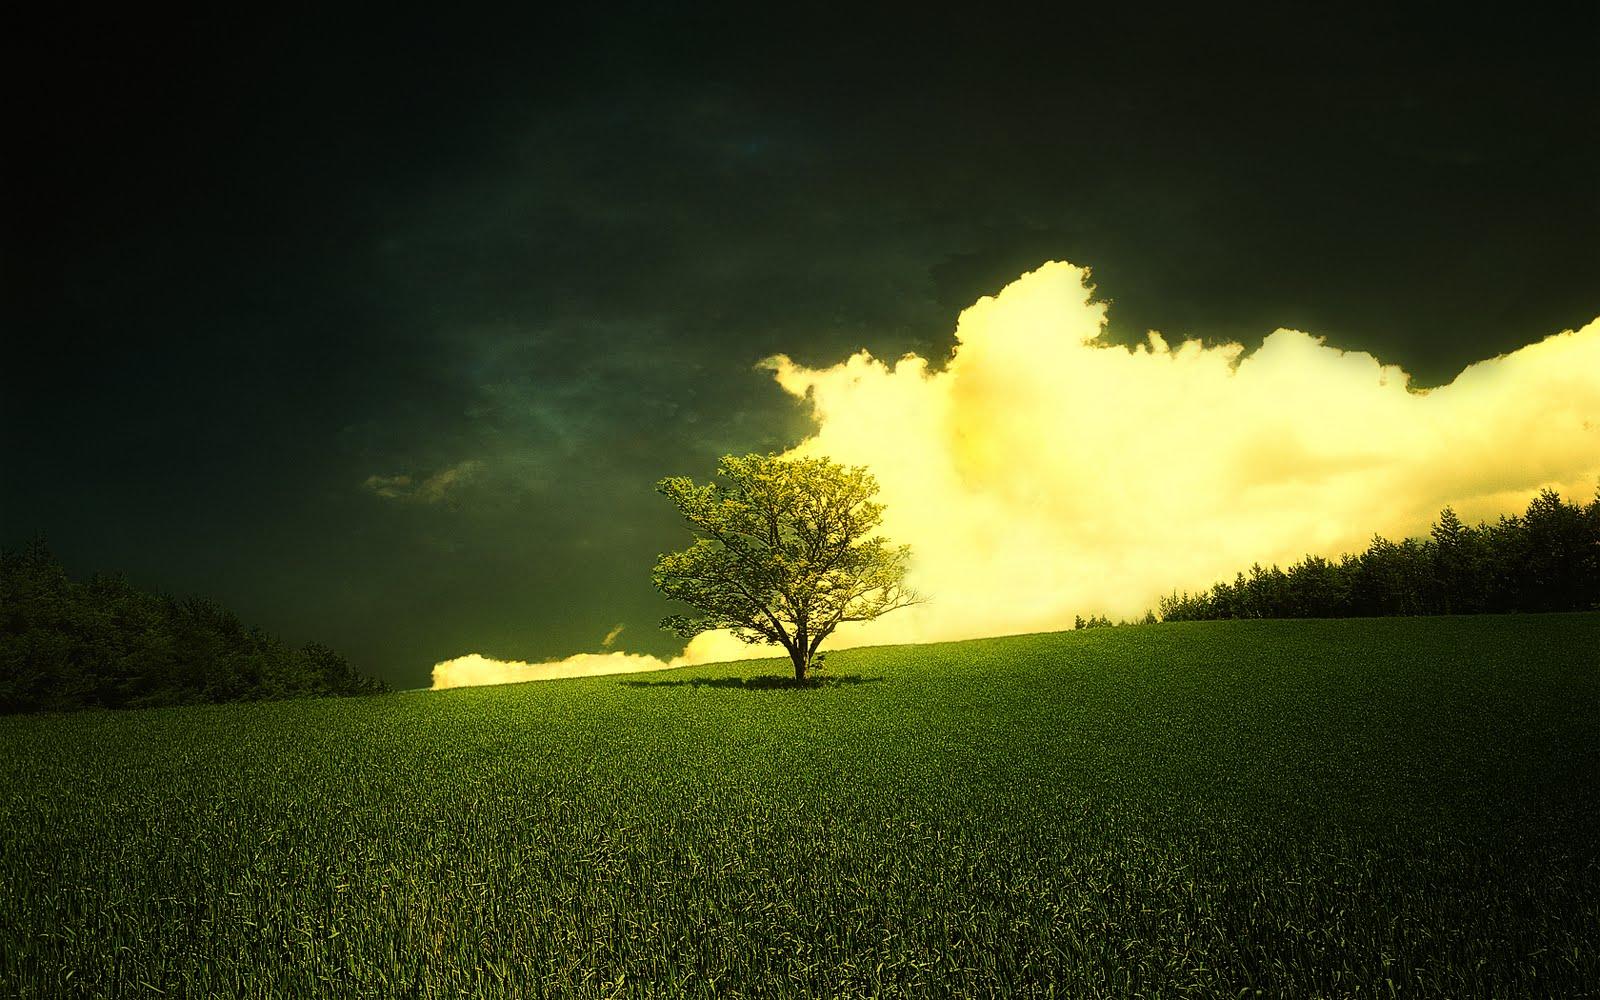 http://4.bp.blogspot.com/_Kpi0thIqeJI/TMGvHrbmOuI/AAAAAAAAAJ4/H_i4gk6X_lI/s1600/httpfreehd.blogspot+(10).jpg